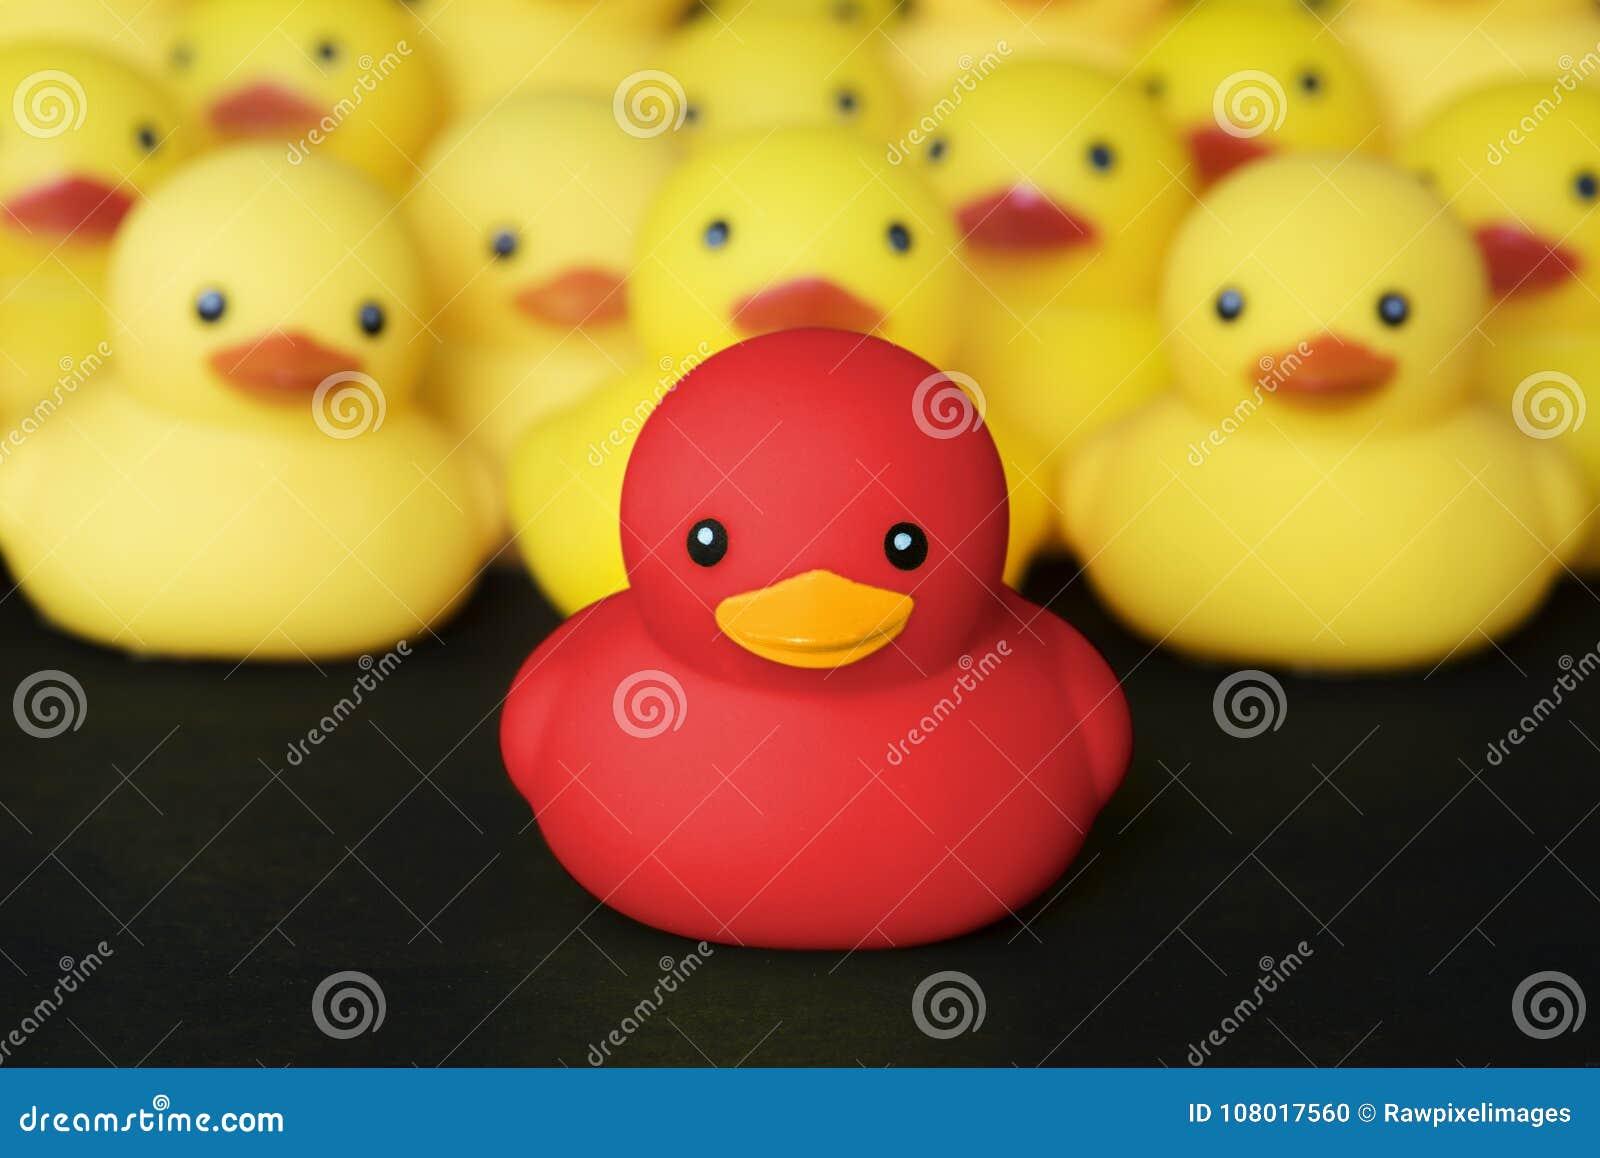 Closeup av rubber duckies med ledarskap